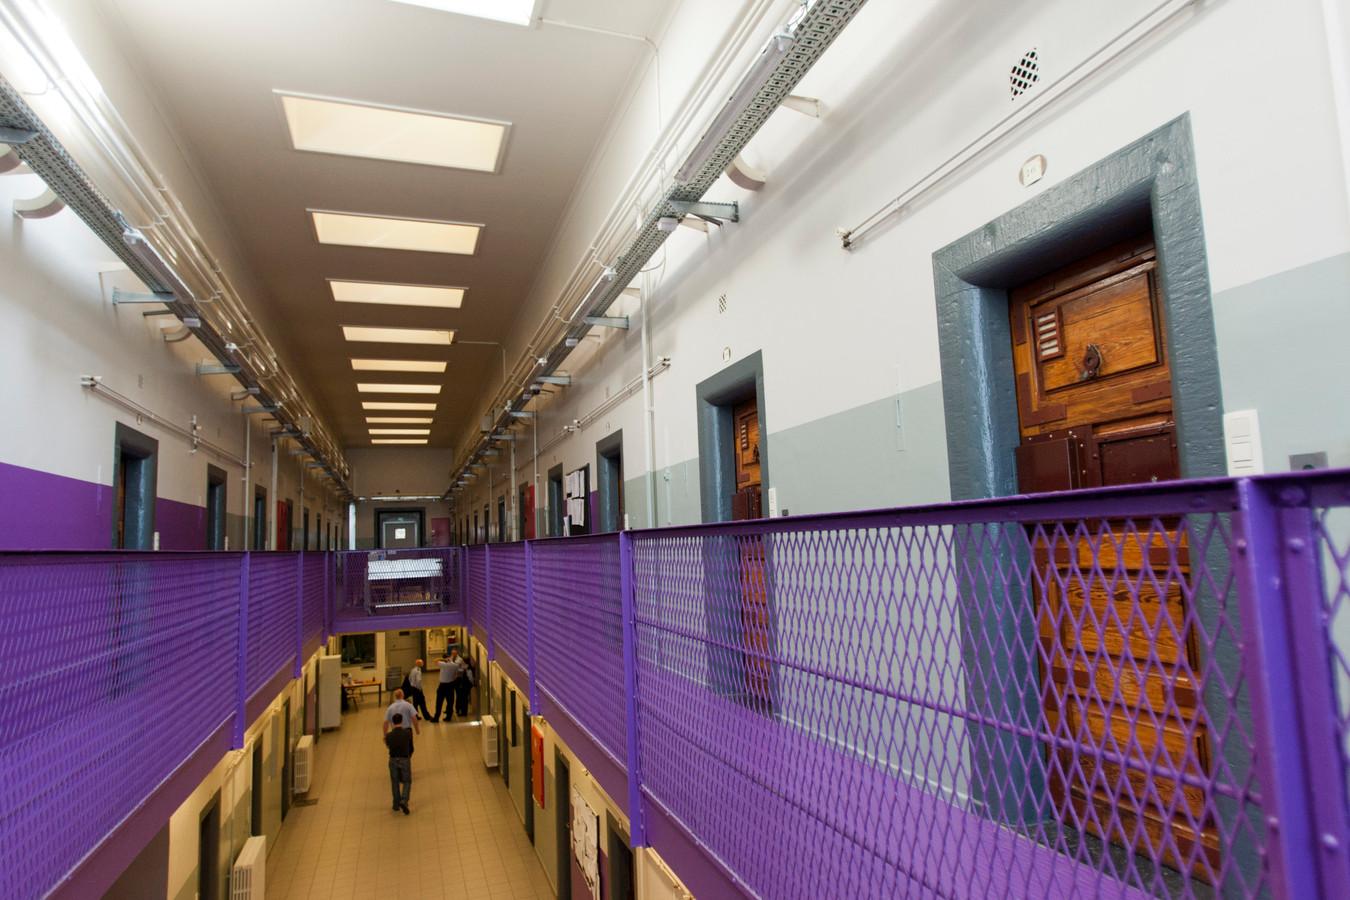 De jeugdgevangenis in Tongeren waar de jonge inbreker is opgesloten.